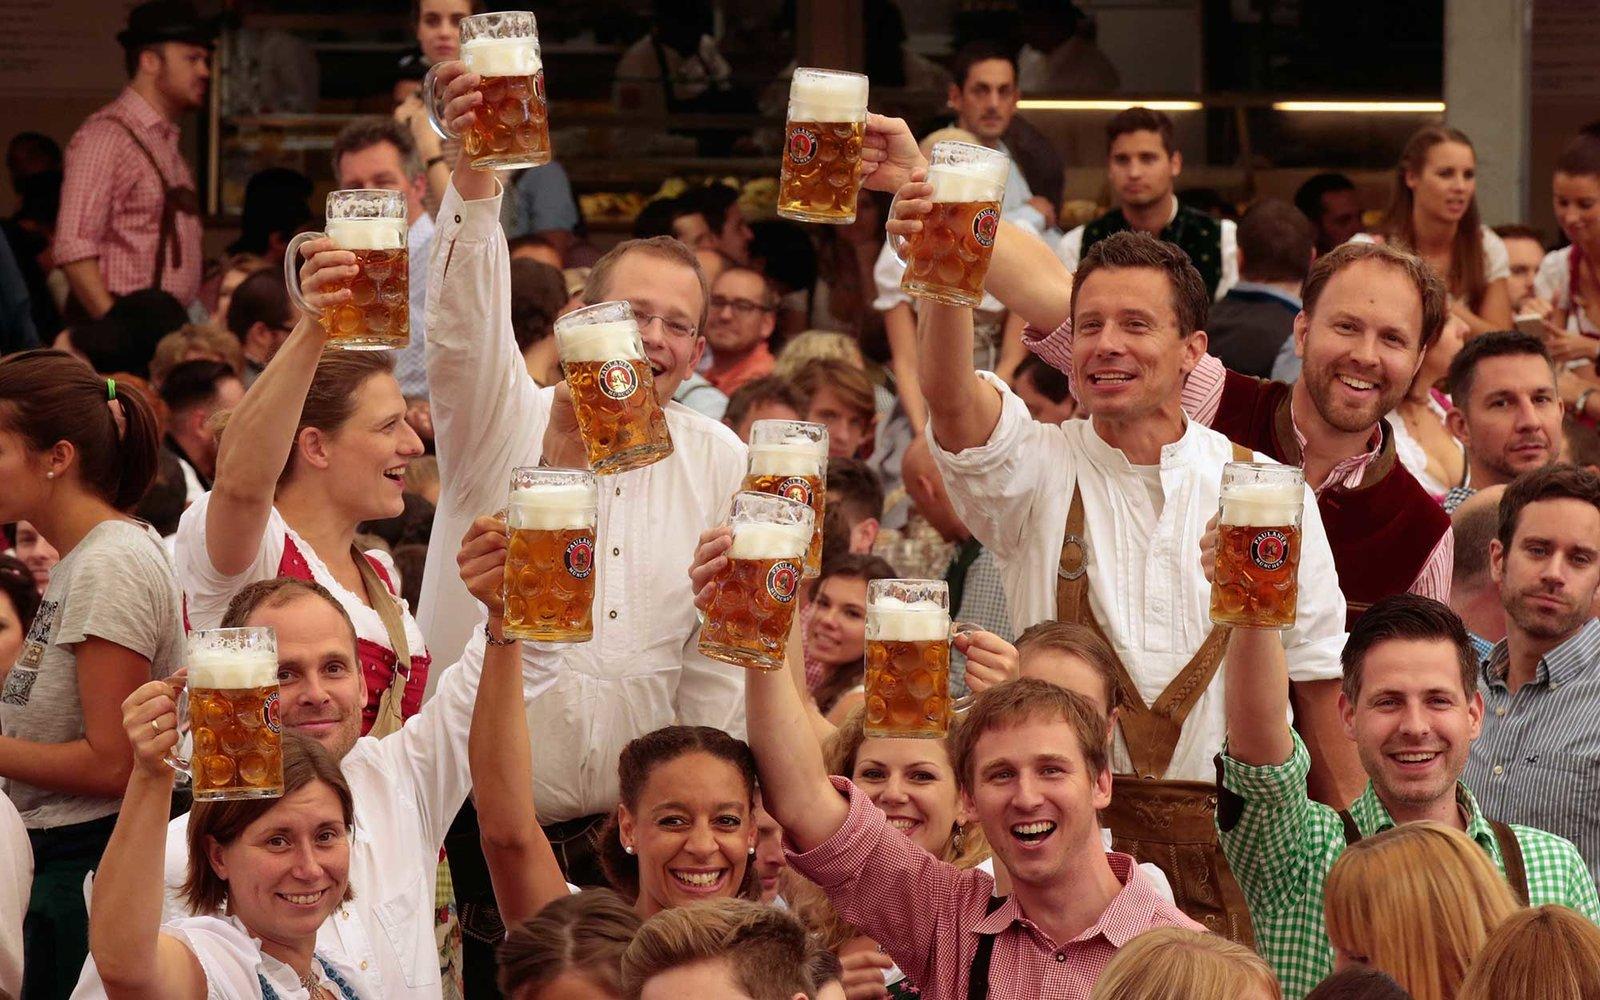 People Who Drink Craft Beer